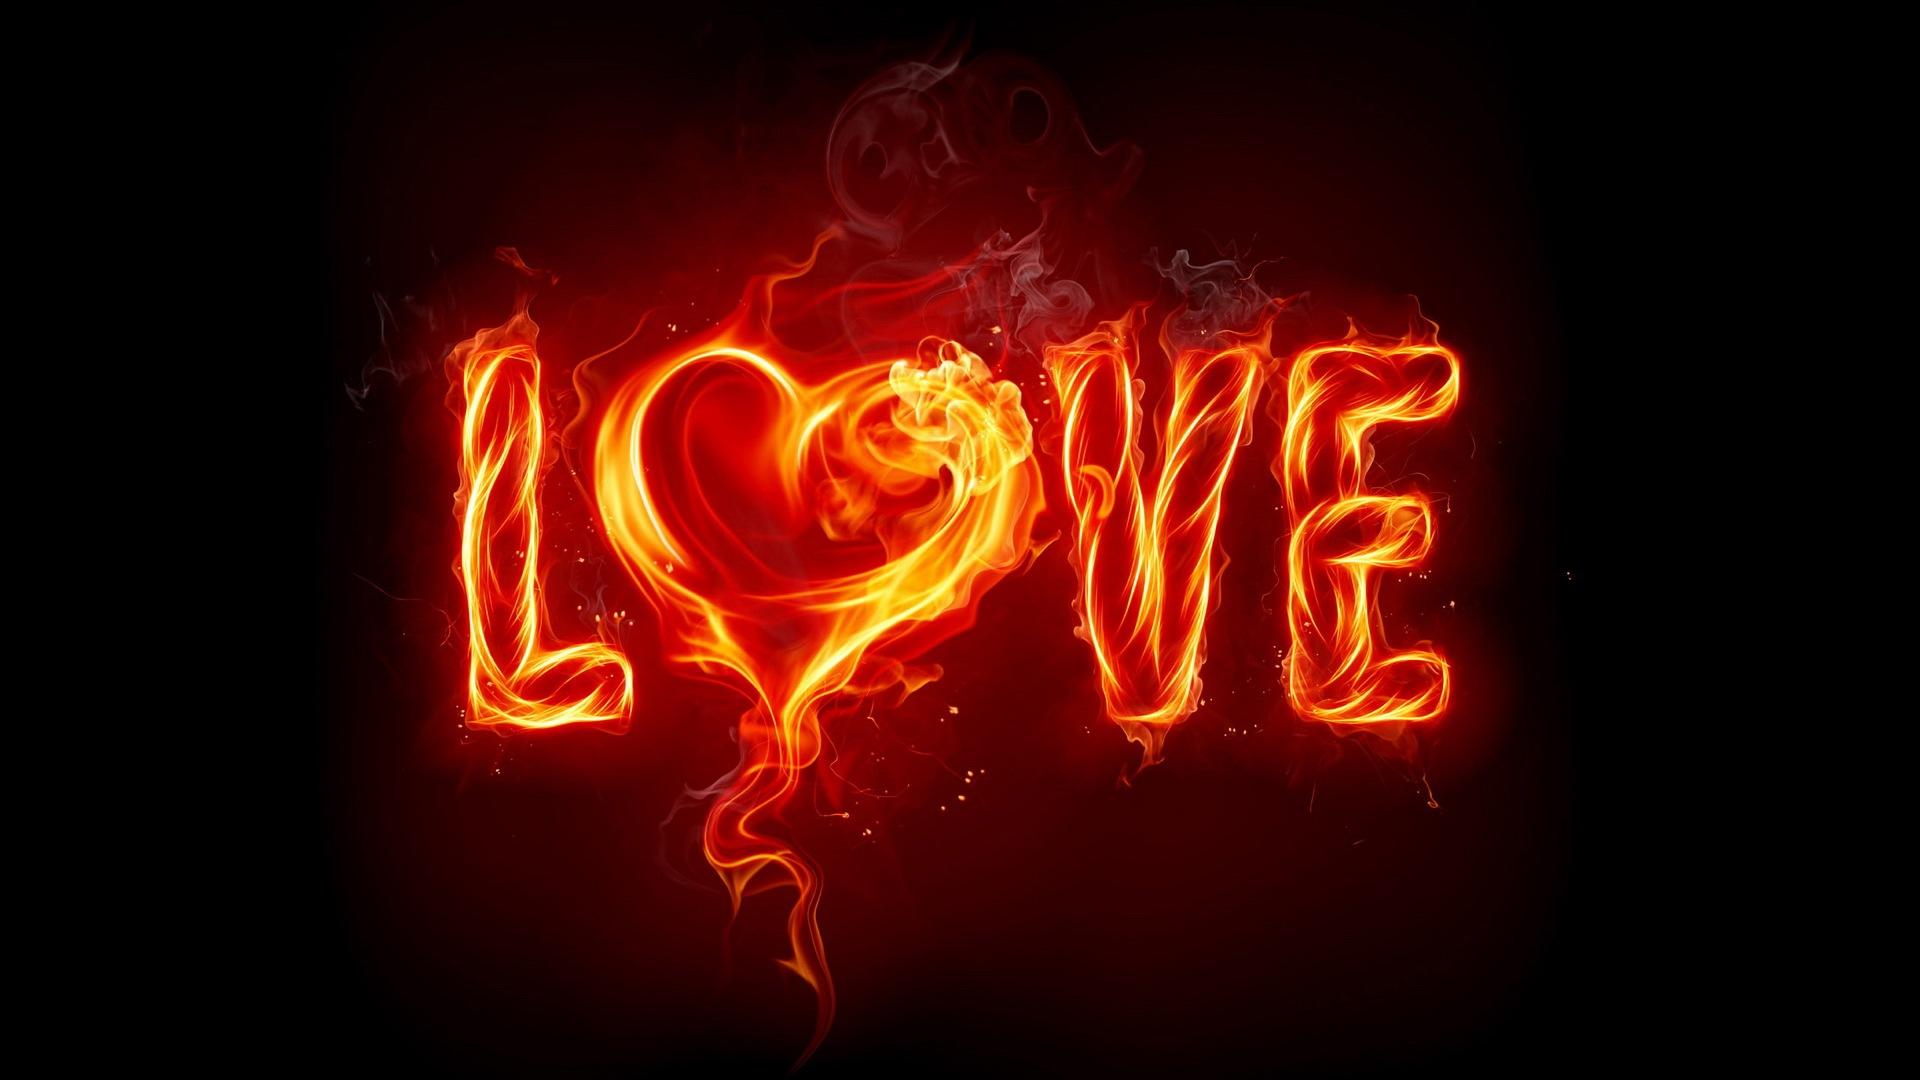 Chaleureux et romantique de saint valentin fonds d 39 cran hd 19 1920x1080 fond d 39 cran - Image saint valentin romantique ...